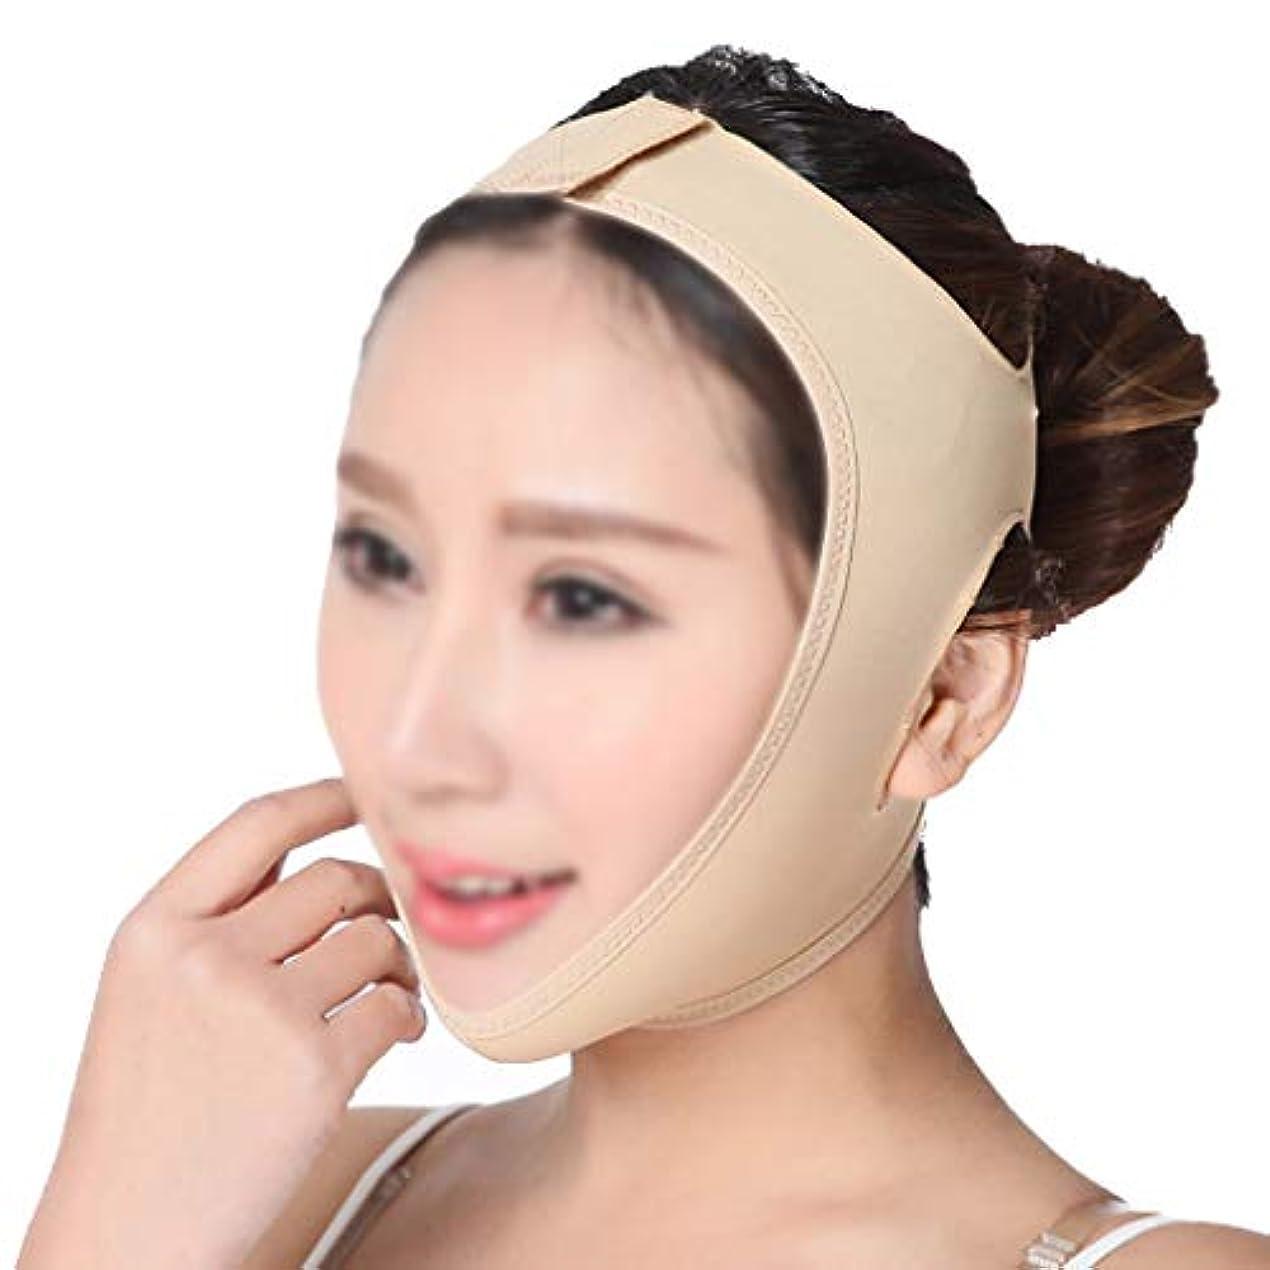 速記タンク予感薄い顔包帯顔スリム二重あごを取り除くVラインの顔の形を作成するあごの頬リフトアップ抗しわを持ち上げるベルトフェイスマッサージツール (Size : S)